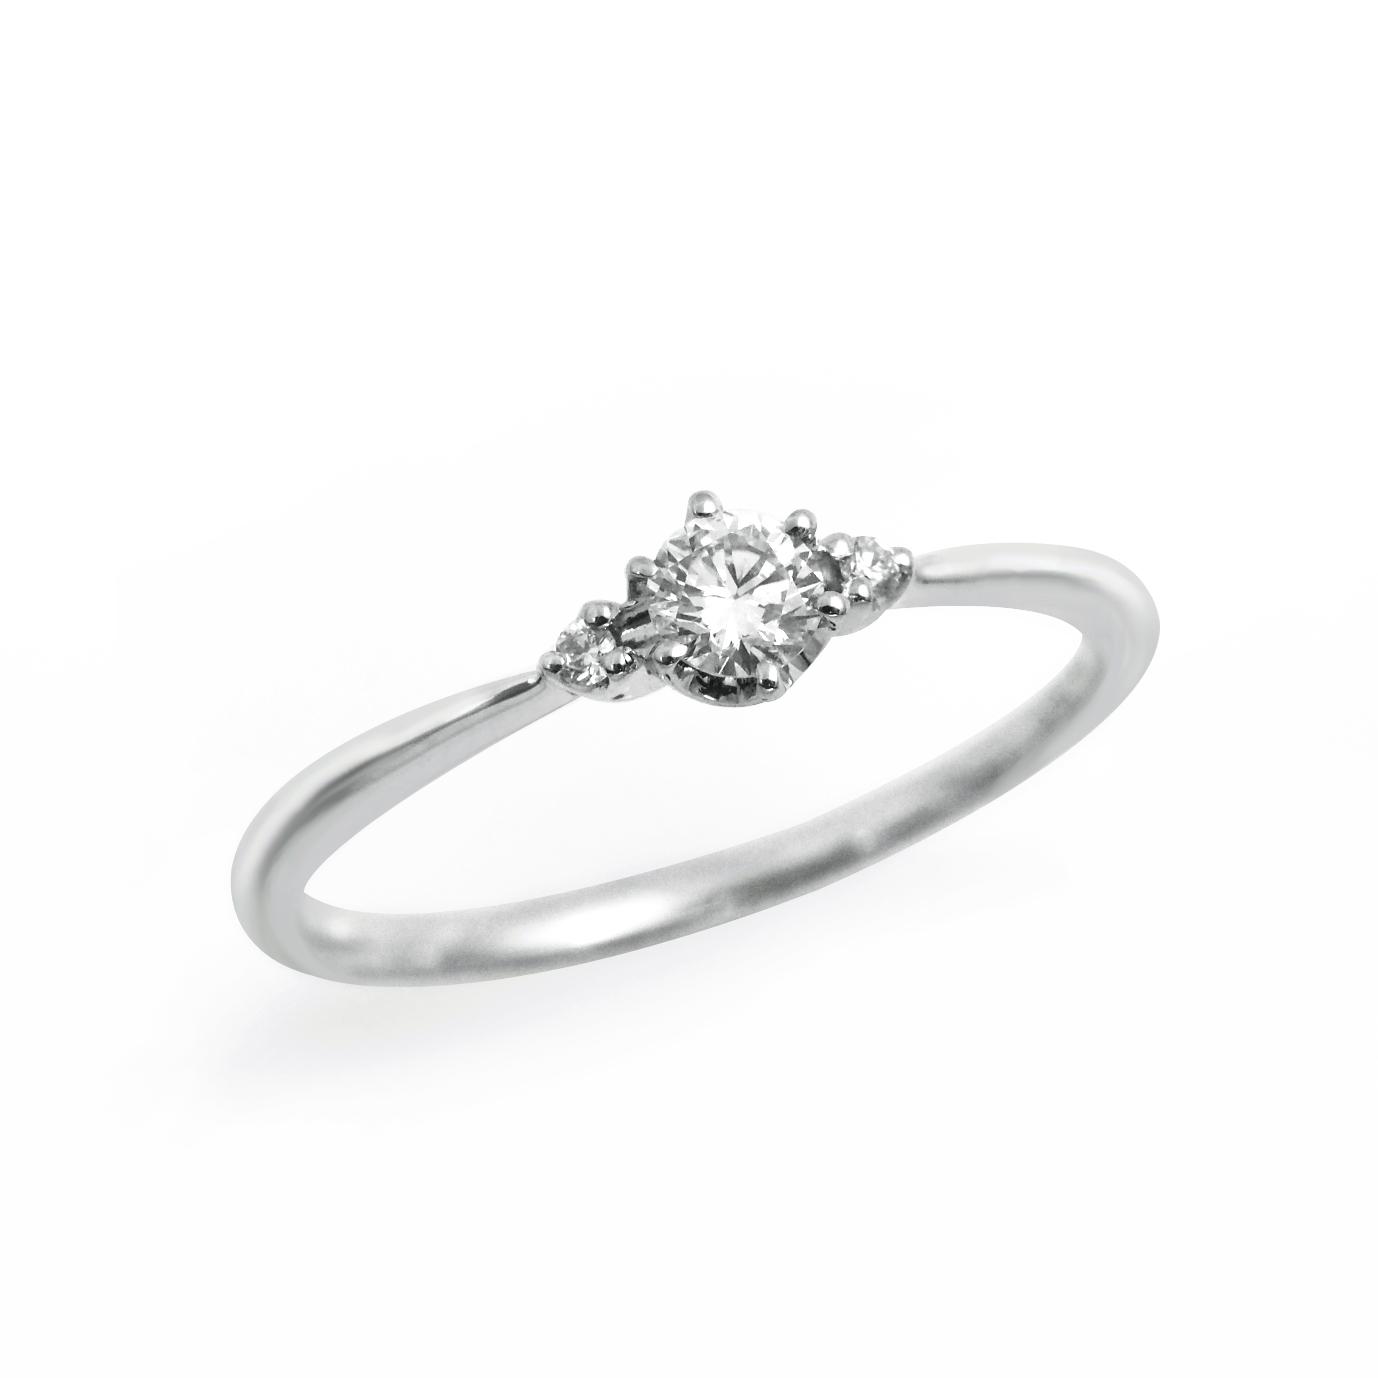 シンプル,フェミニン 婚約指輪のLP03288